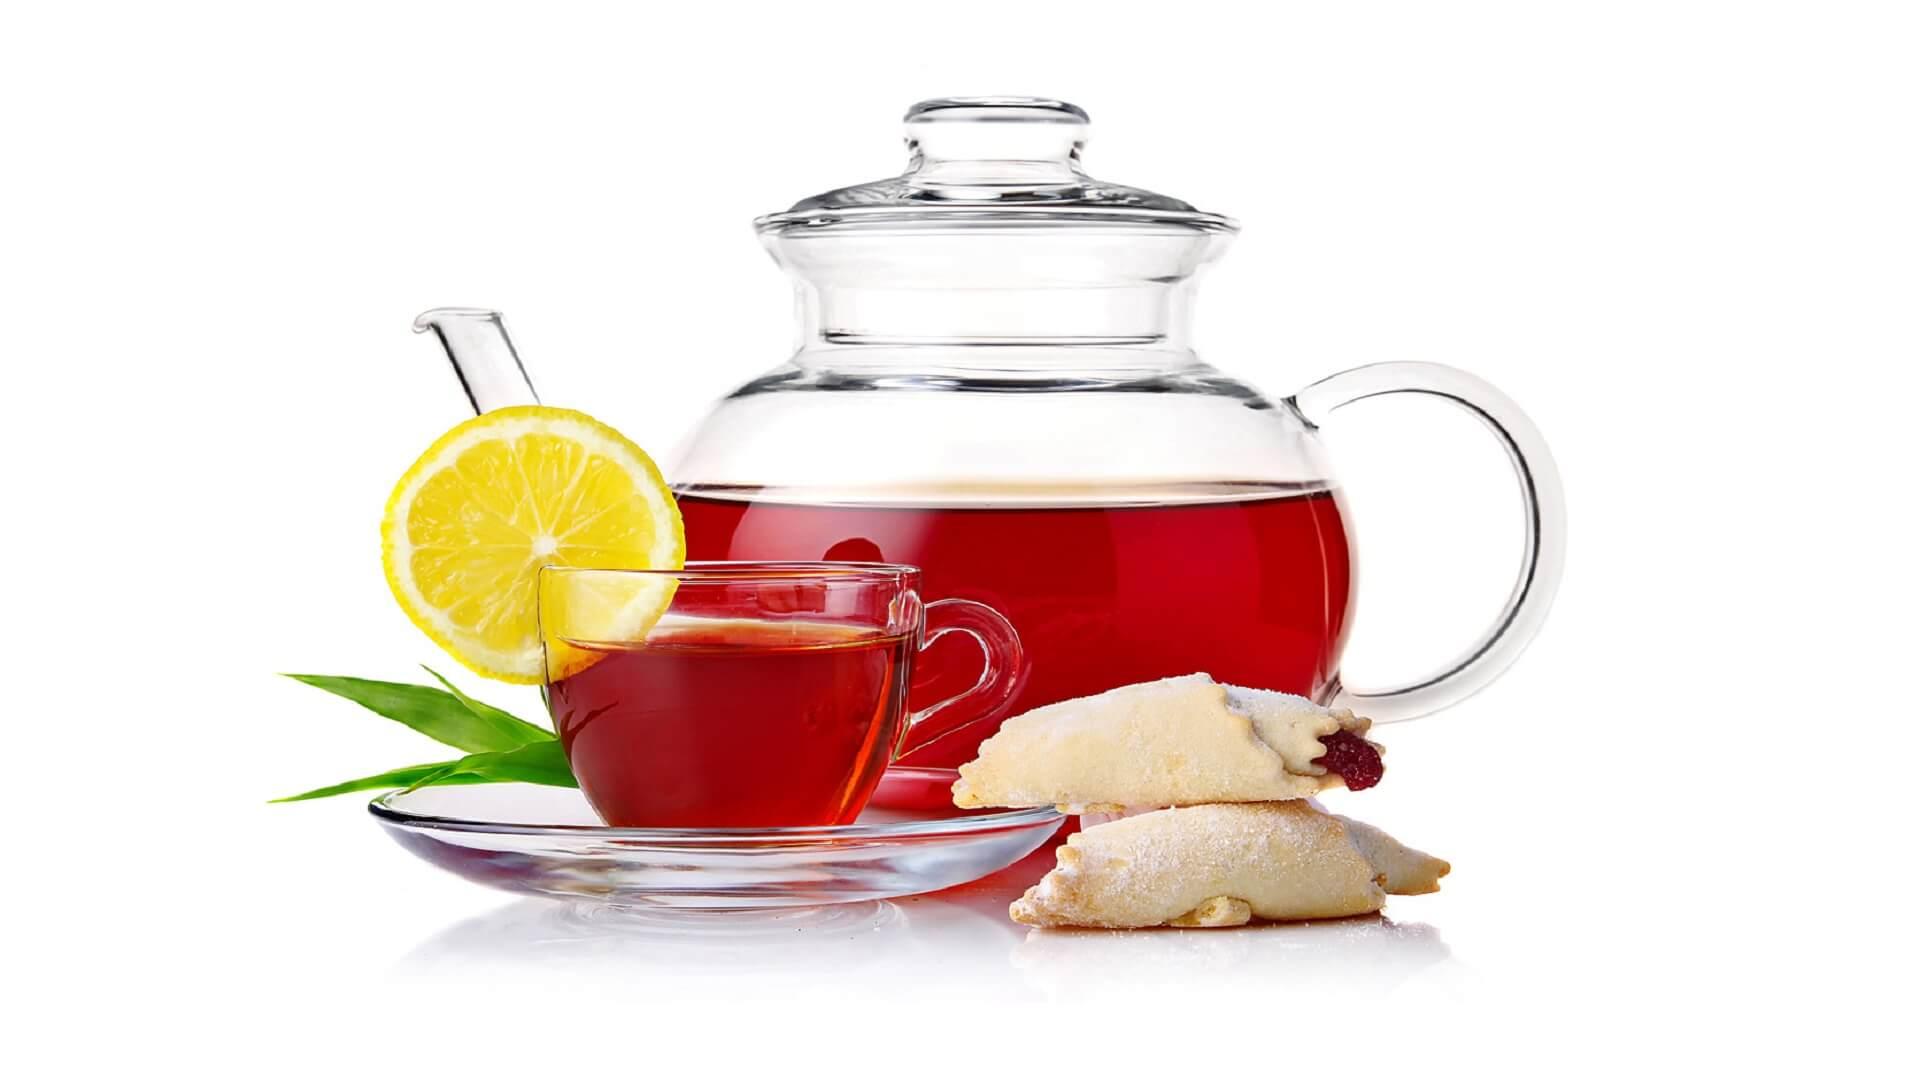 السعرات الحرارية في الشاي الاحمر